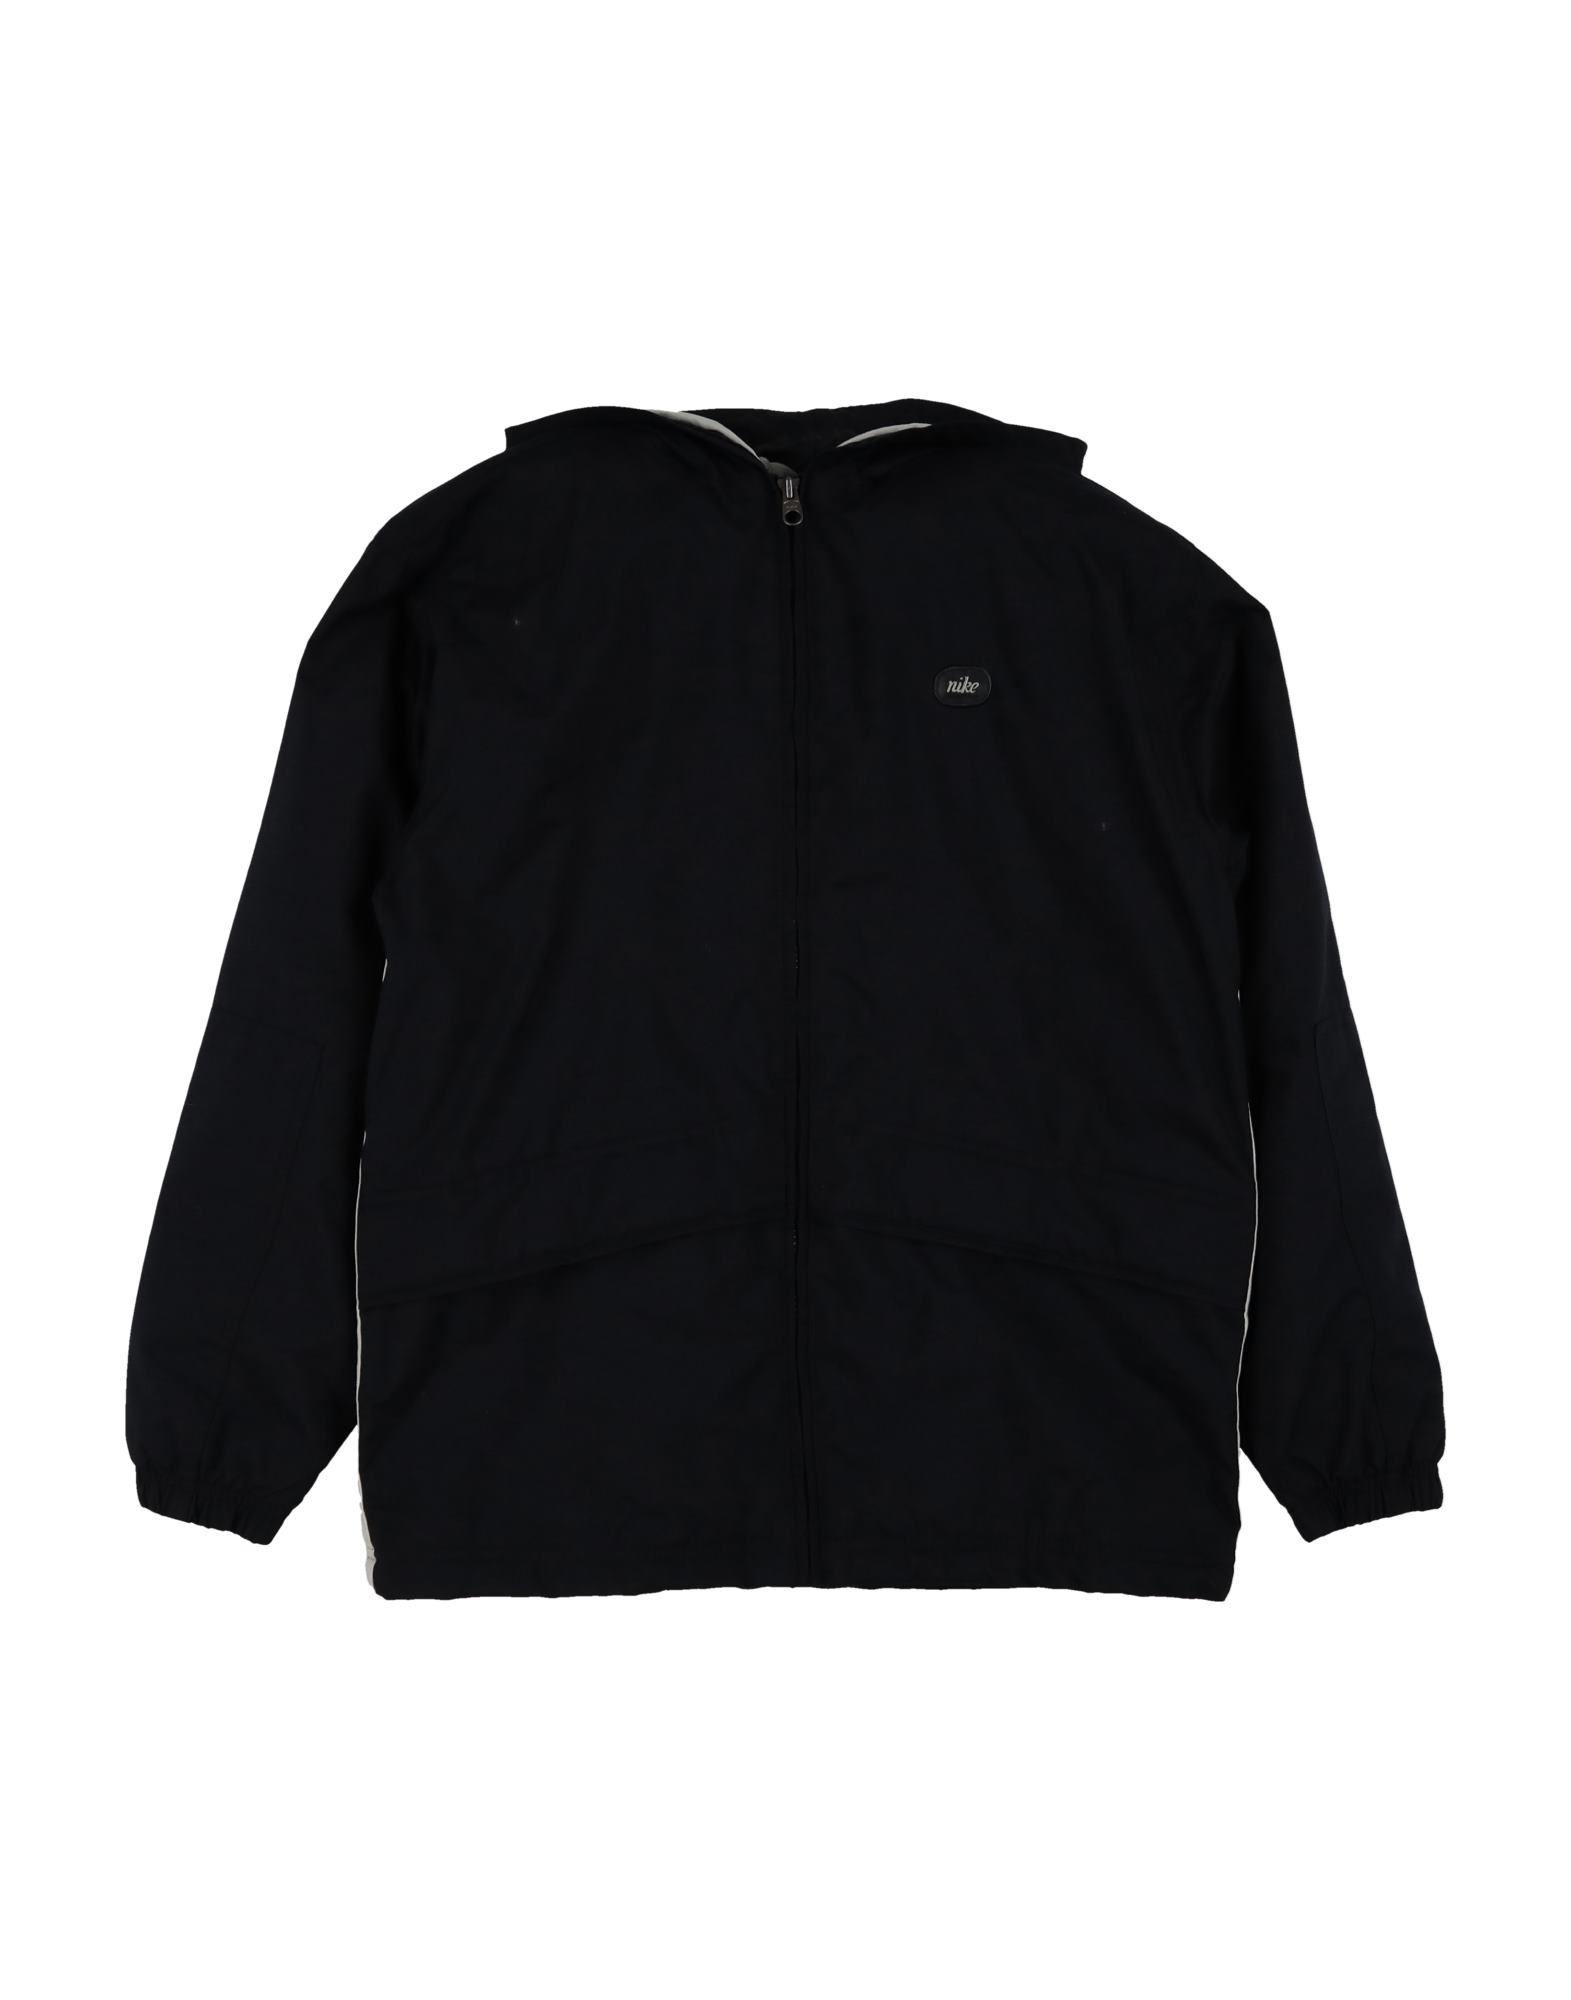 NIKE Jackets - Item 16015604